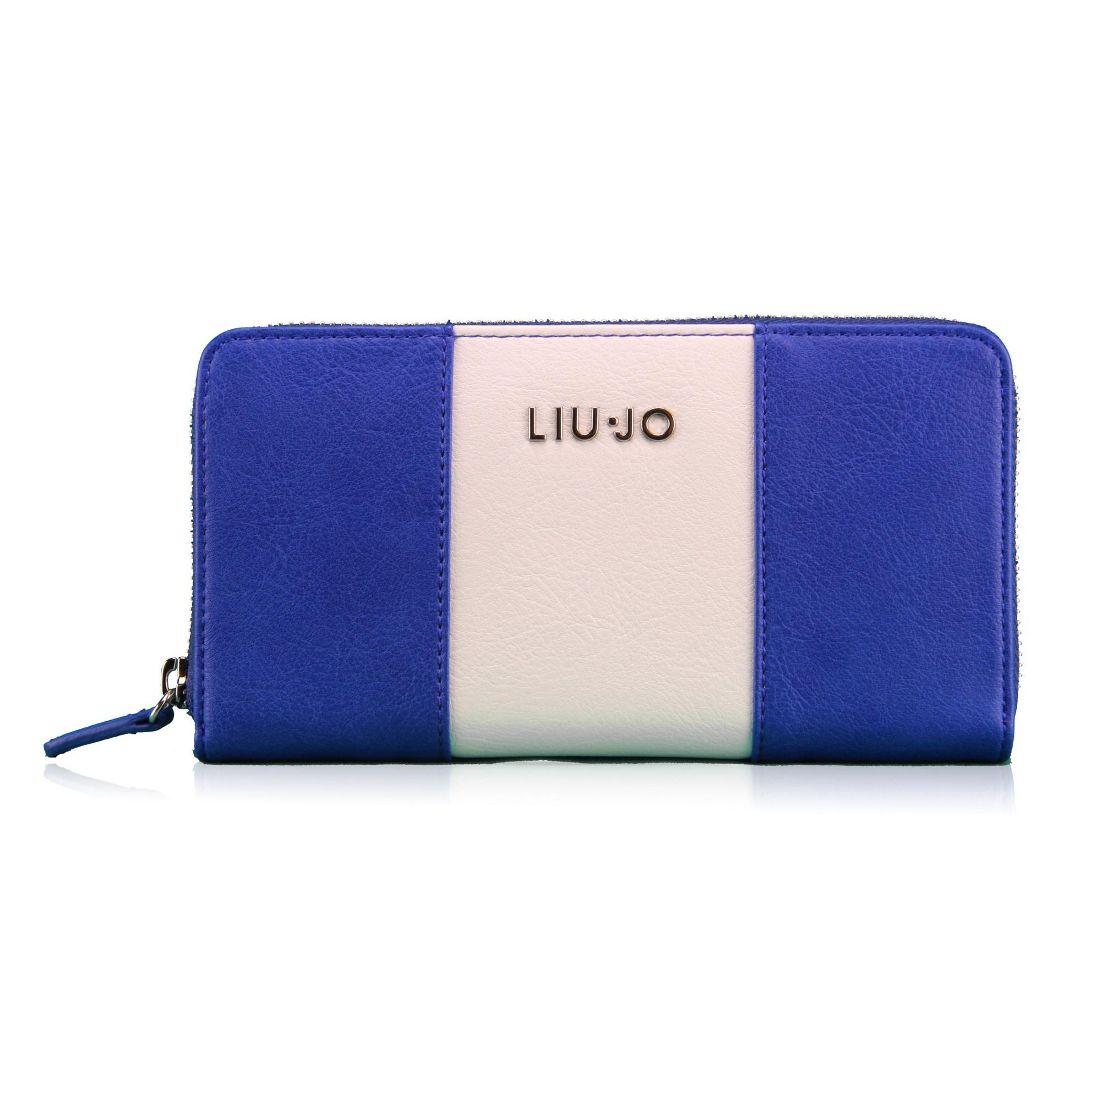 LIU JO Portafogli Zip Around IO N16044 Blu Palazzo - Bagsabout f6aaafd5505